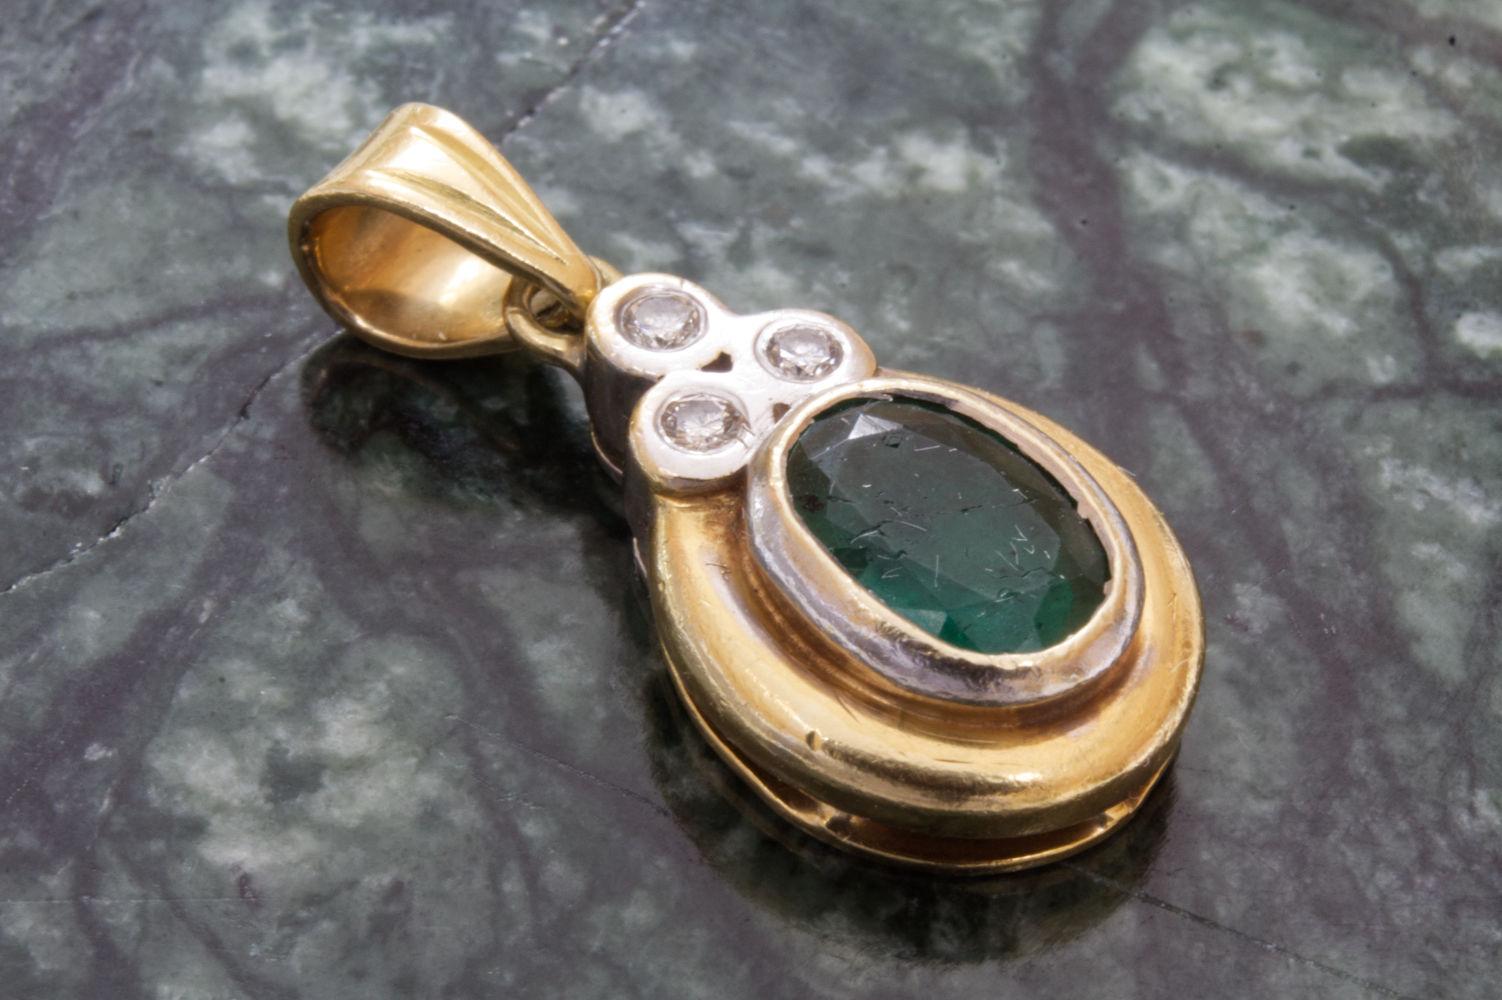 Anhänger mit Smaragd und Brllanten in 750er Gold gefasst und auf Marmor dekoriert.